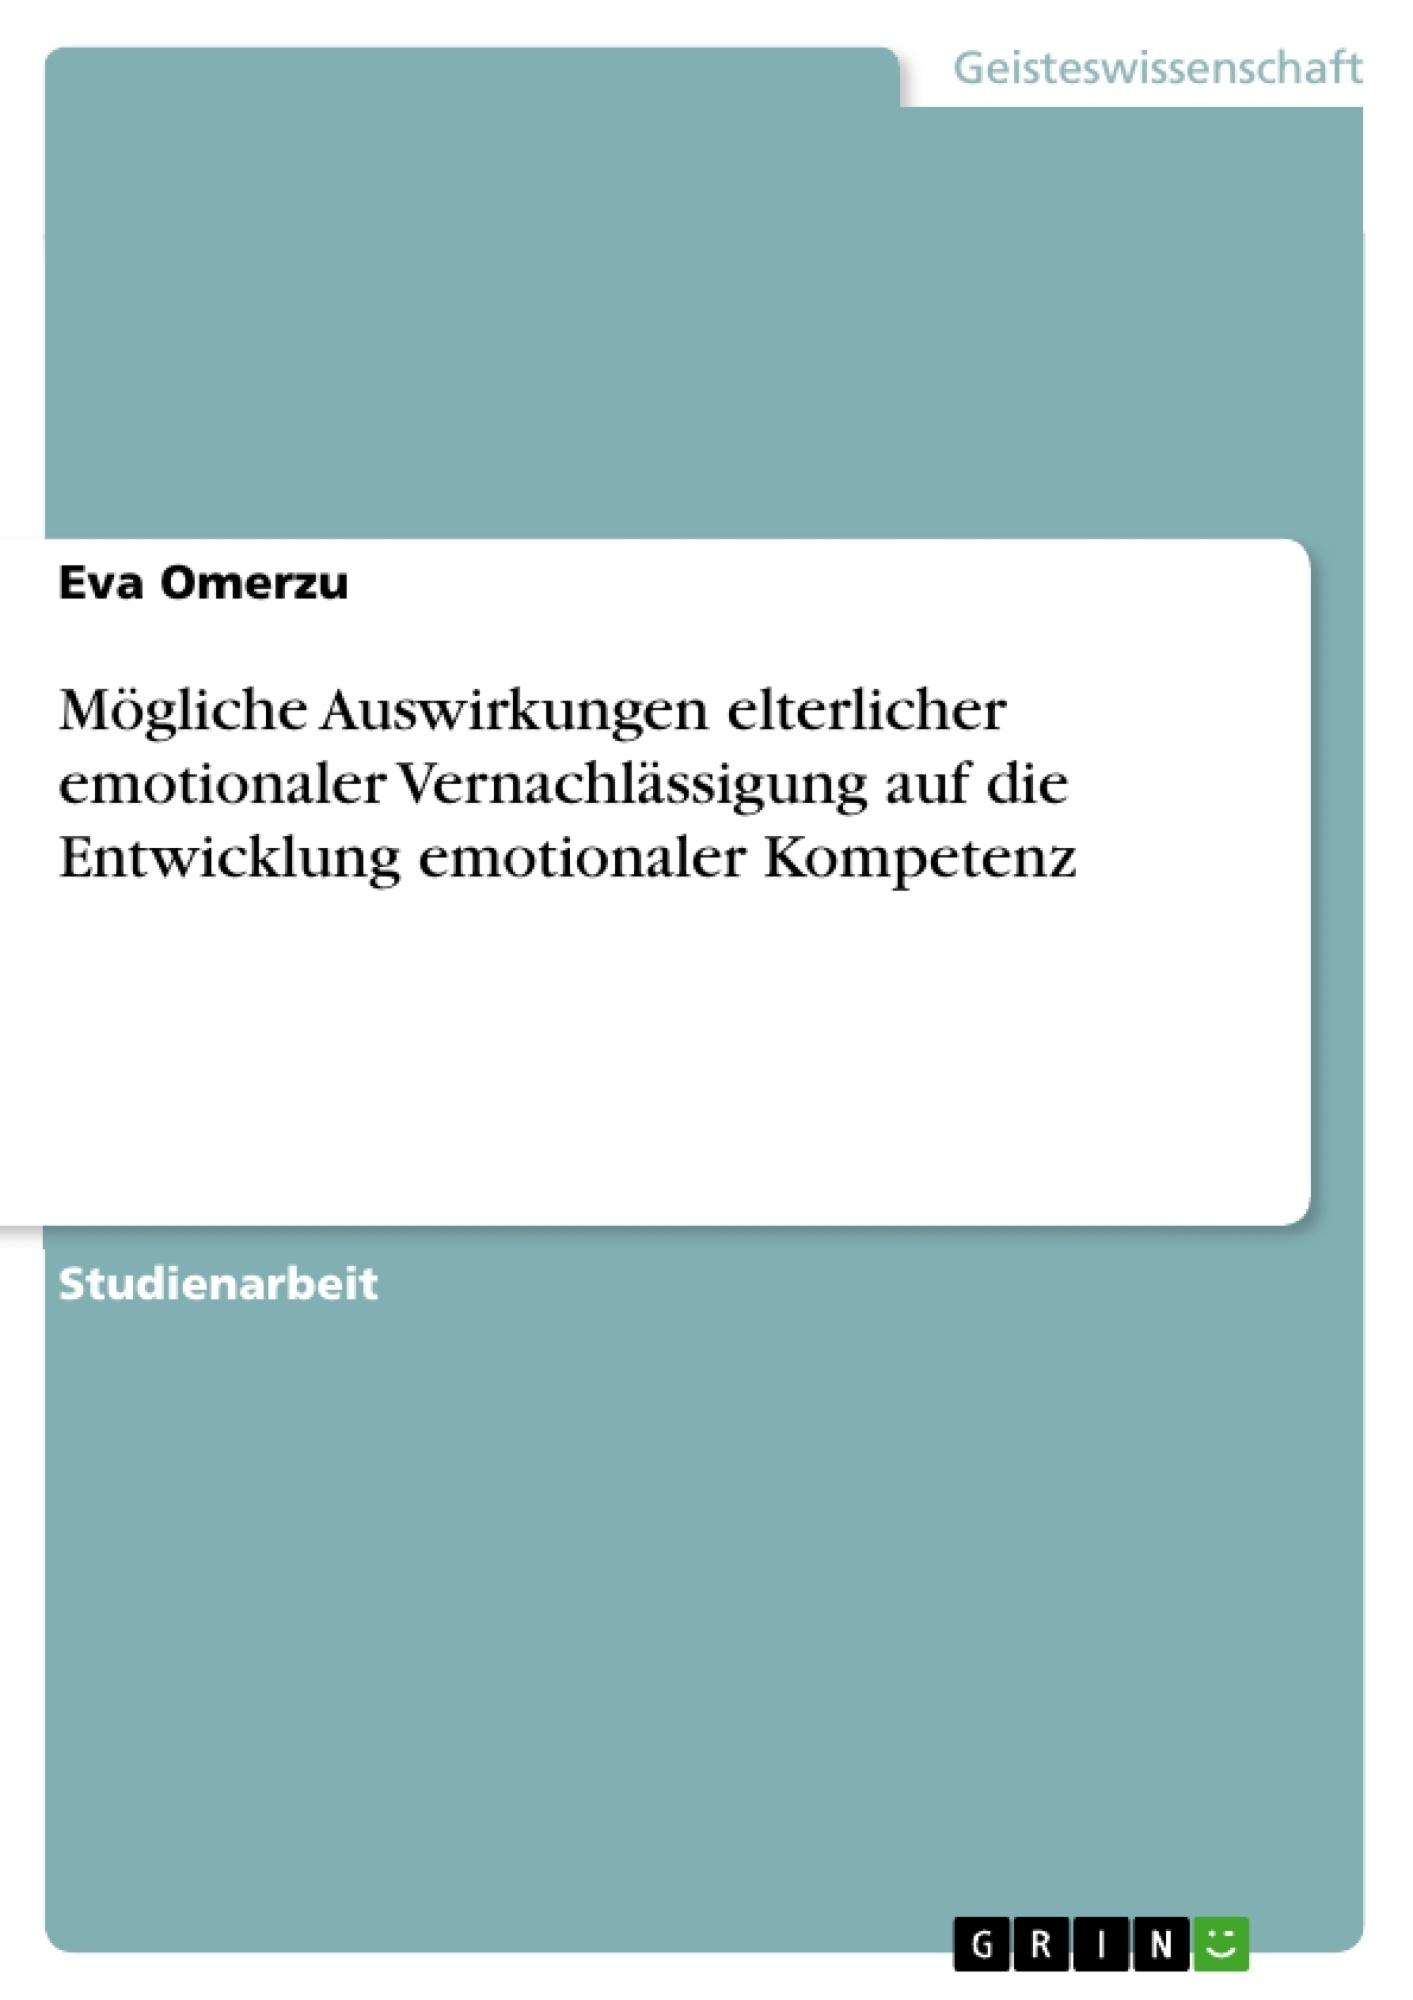 Titel: Mögliche Auswirkungen elterlicher emotionaler Vernachlässigung auf die Entwicklung emotionaler Kompetenz